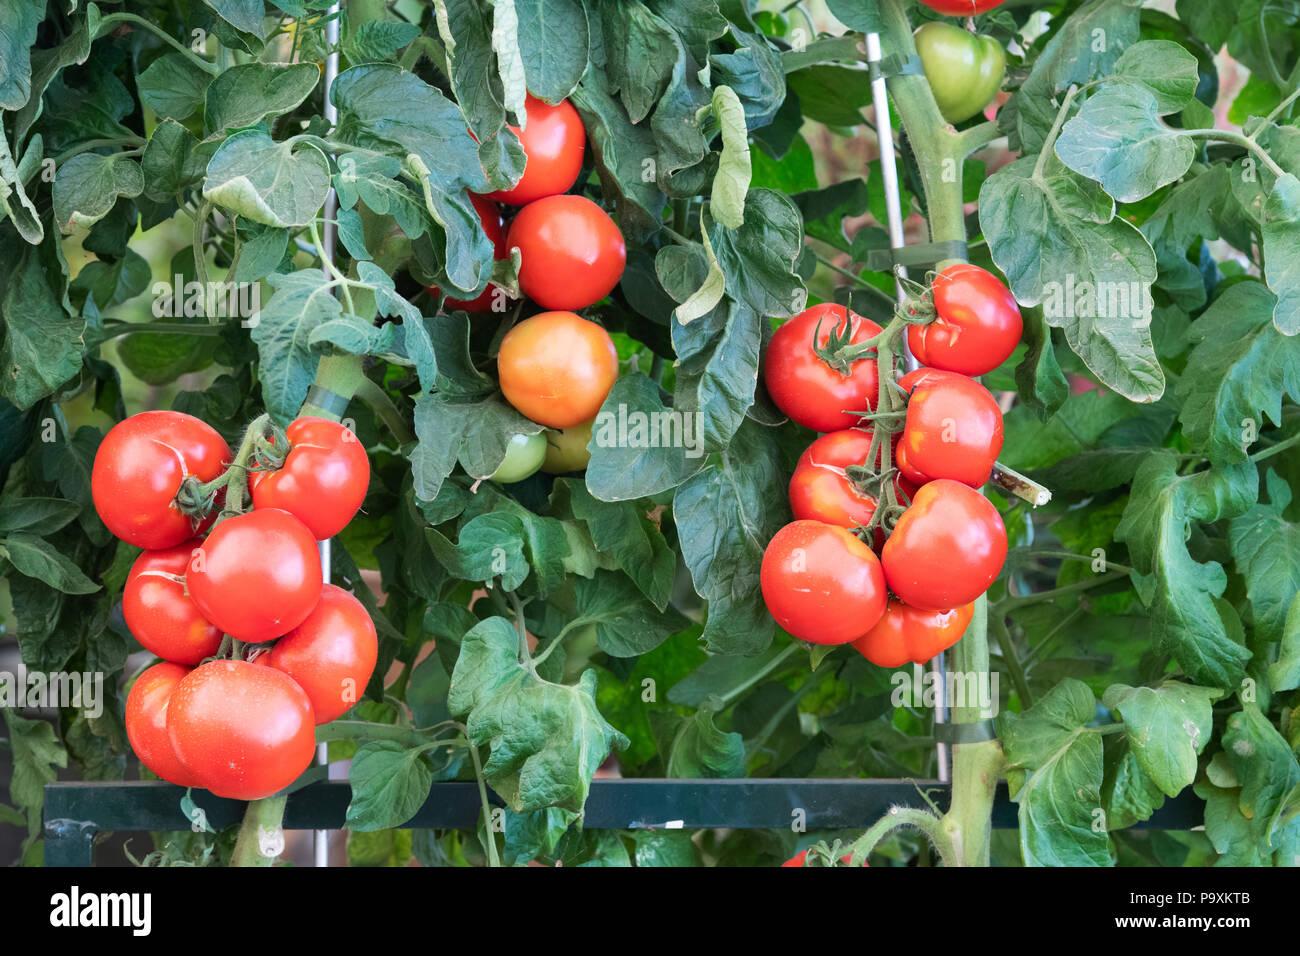 Klettergerüst Tomate : Oh glücklicher tag stockfotos & bilder alamy